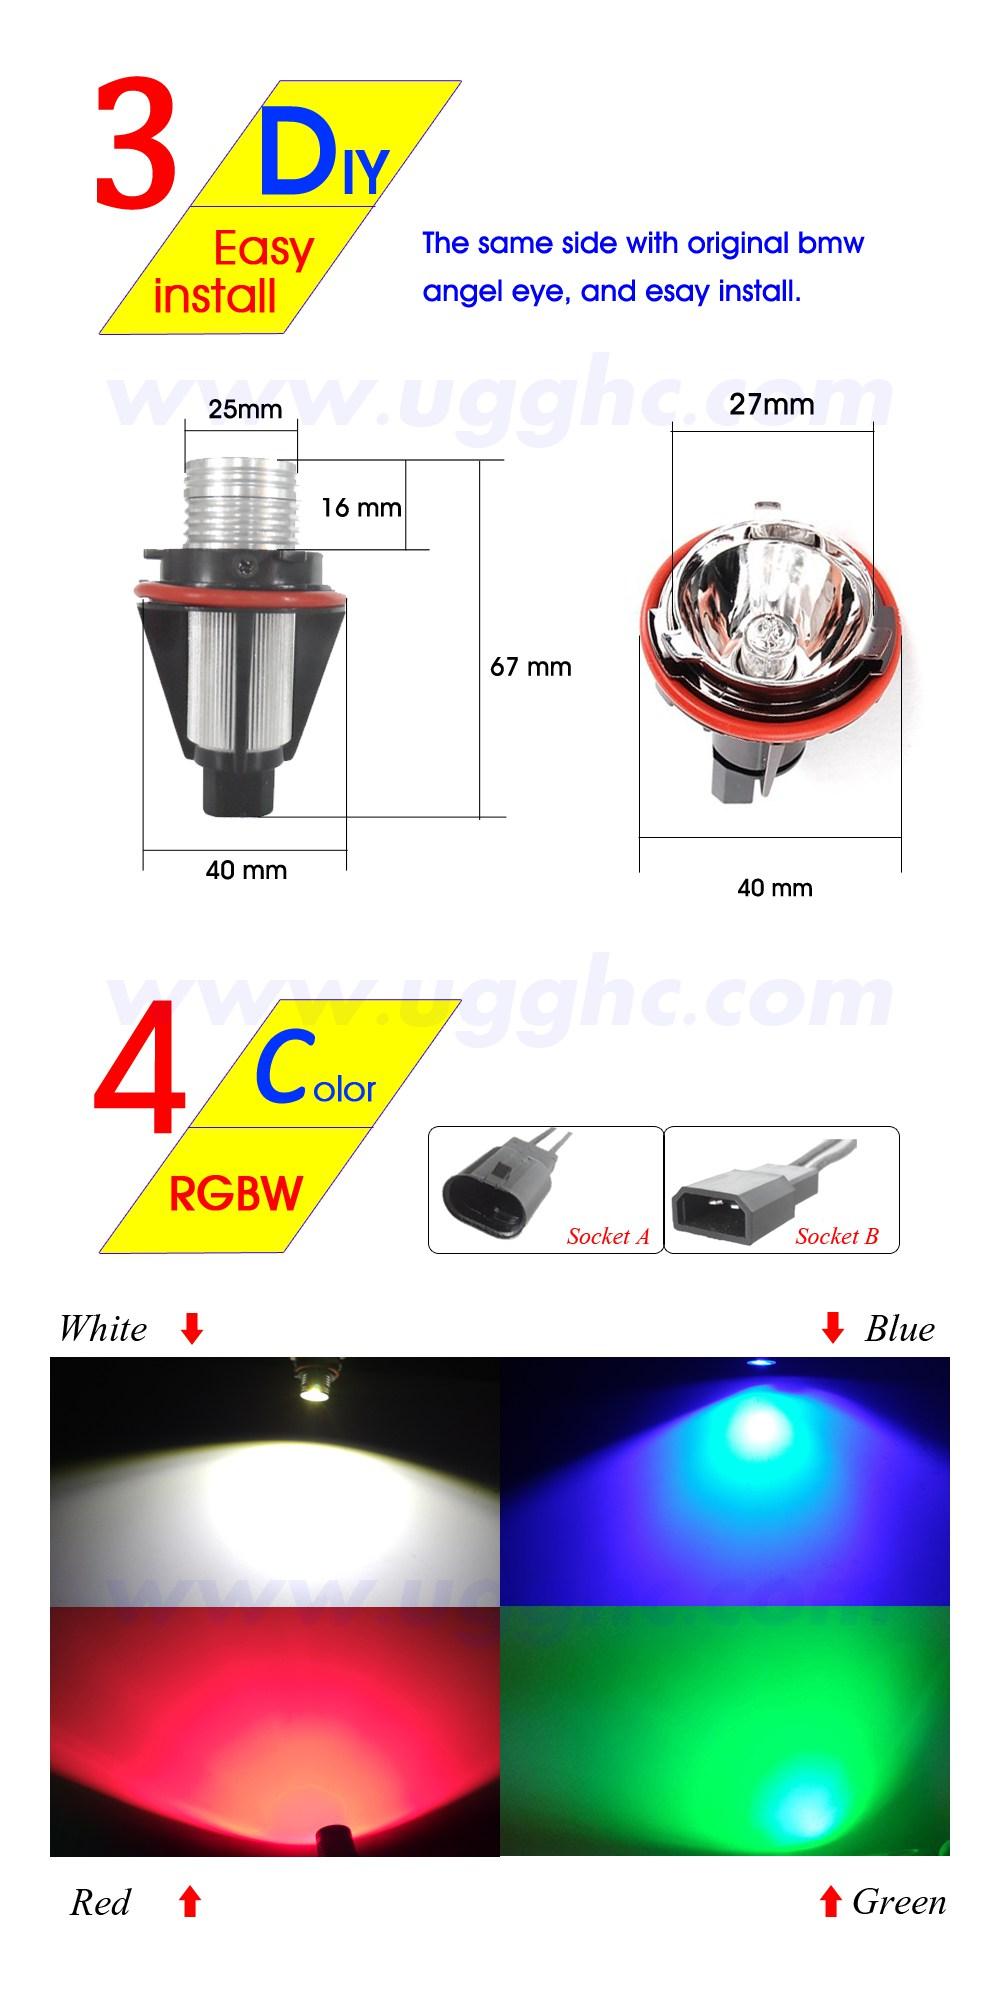 2*10W สีขาว LED Angel Eyes Led Halo หลอดไฟ 6500K สำหรับ E39 E53 E60 E63 E64 e65 E66 E83 E87 แองเจิลไฟหมอก